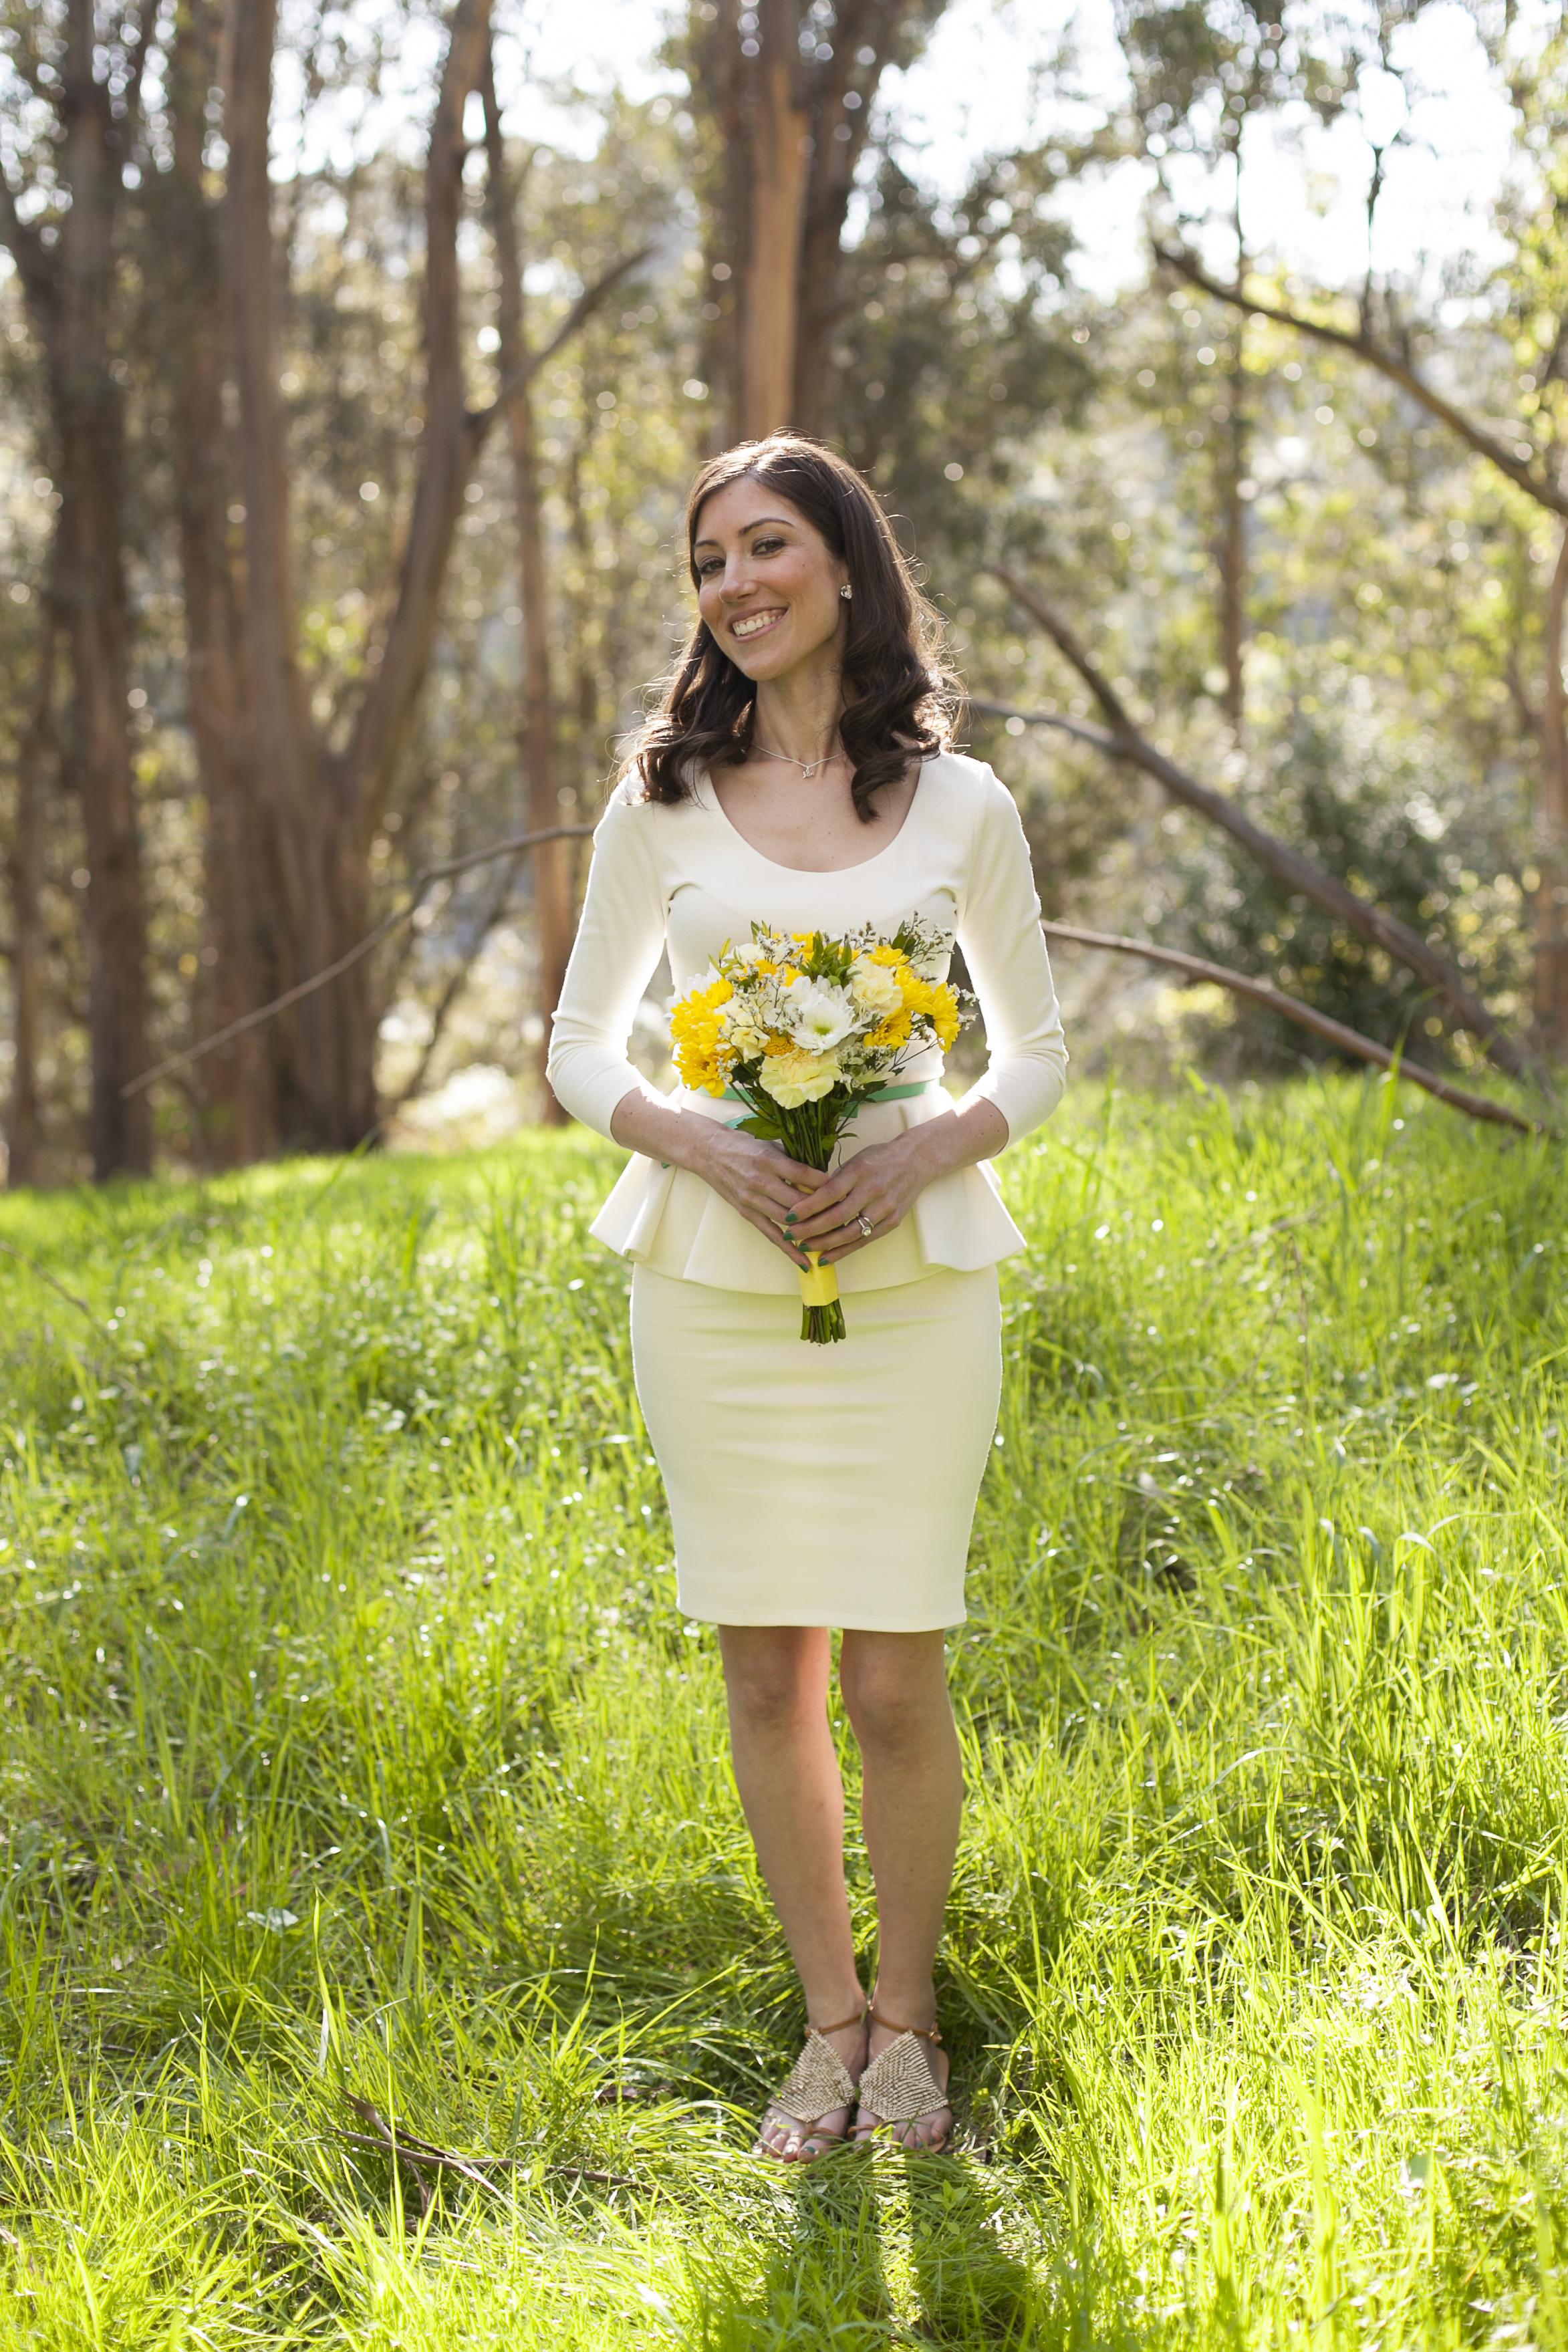 Tilden Park Berkeley Wedding Photographer-Meo Baaklini057.jpg